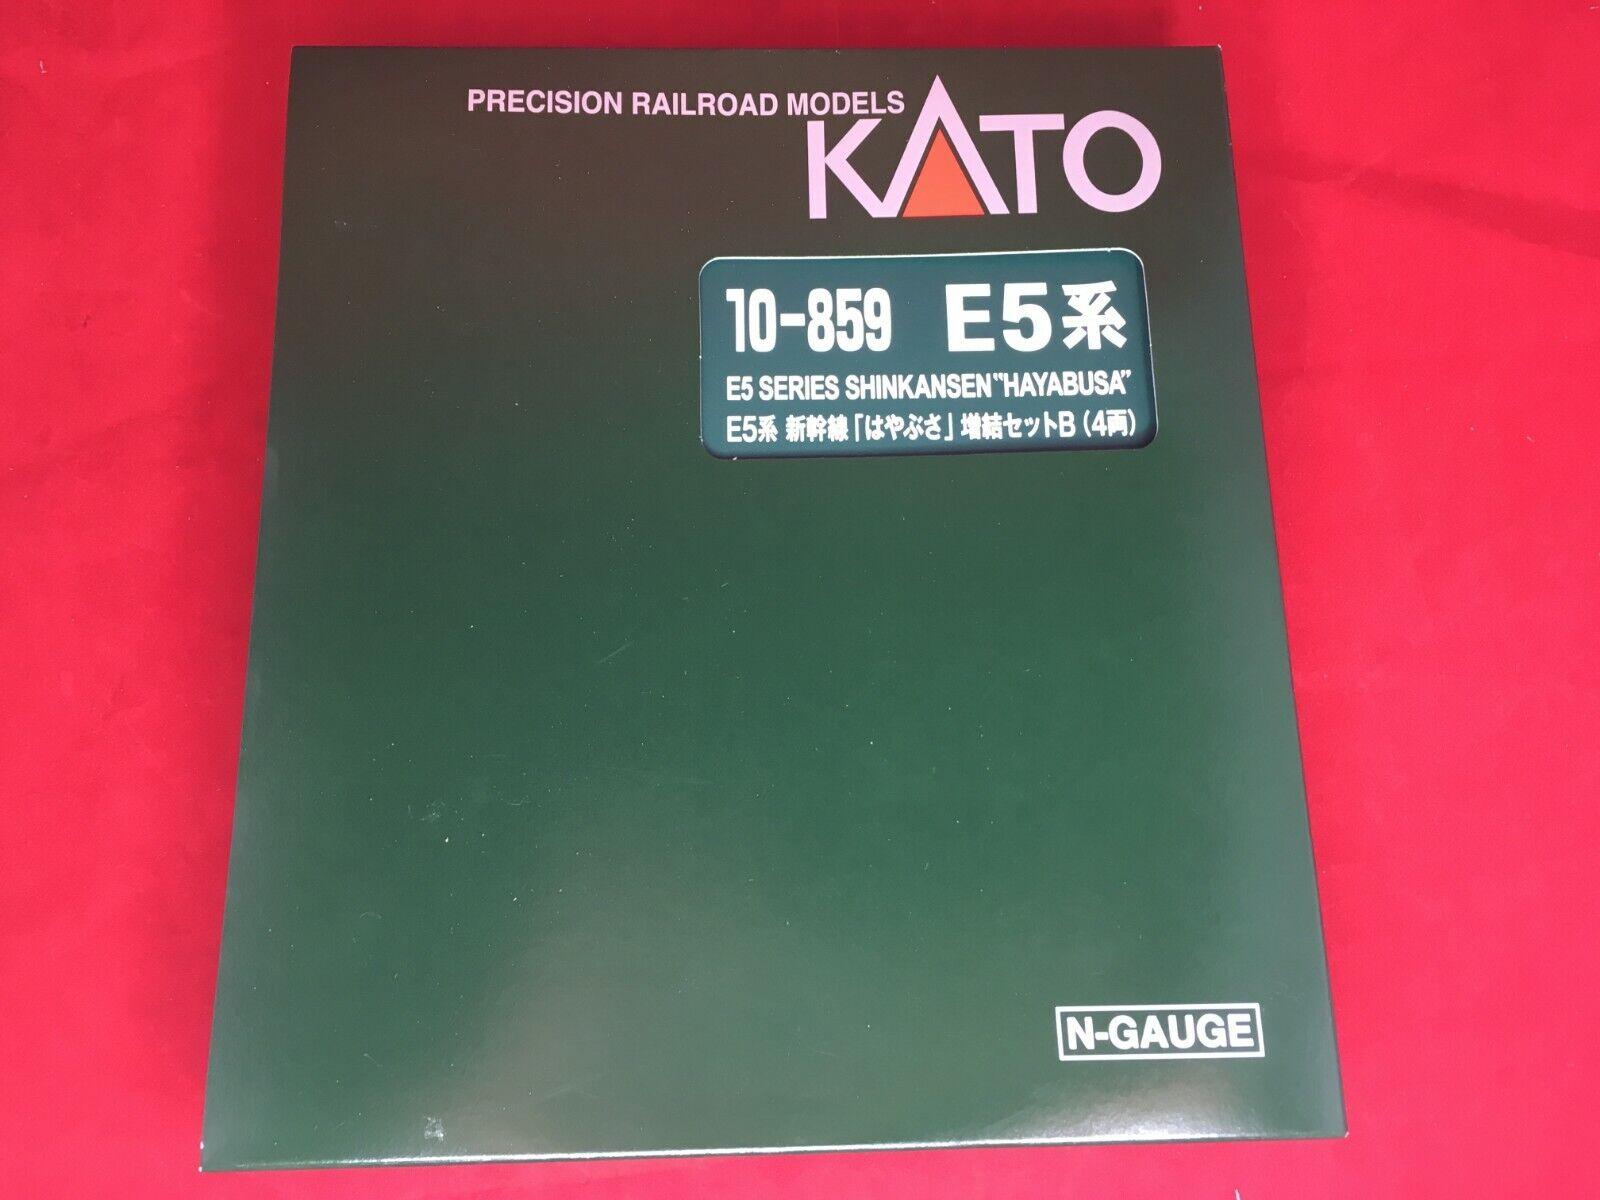 Kato N Gauge E 5 Serie Shinkansen Hayabusa 4-Coche Set 10-859 Tren Modelo